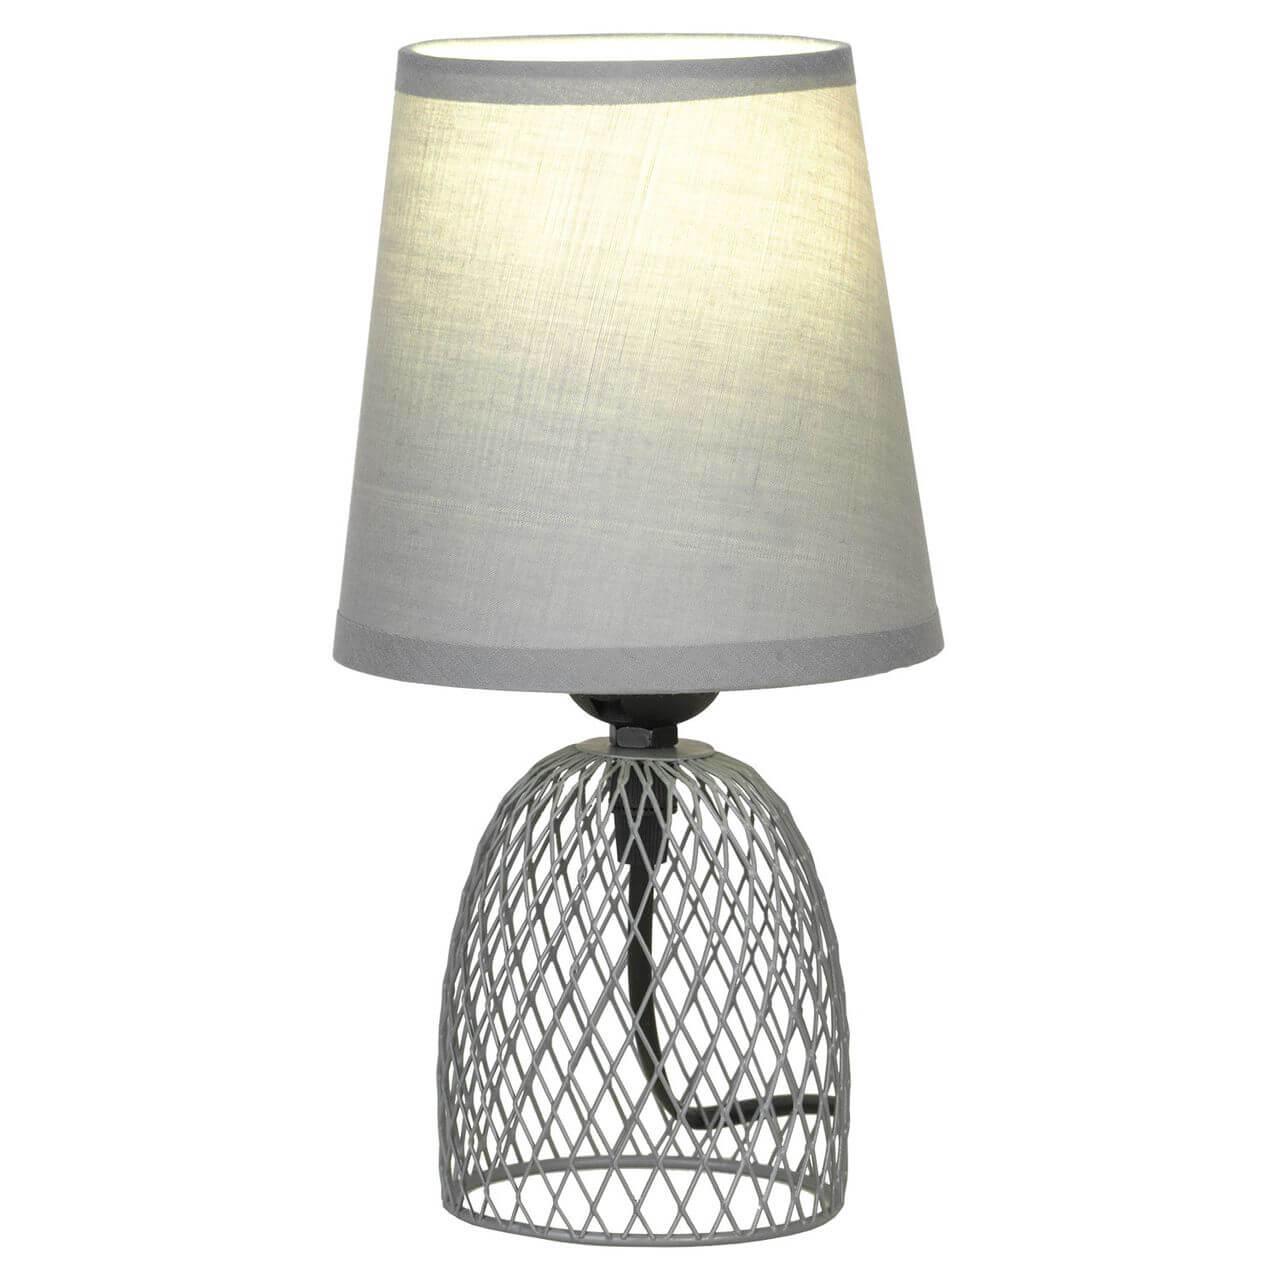 Настольная лампа Lussole GRLSP-0562 Lattice